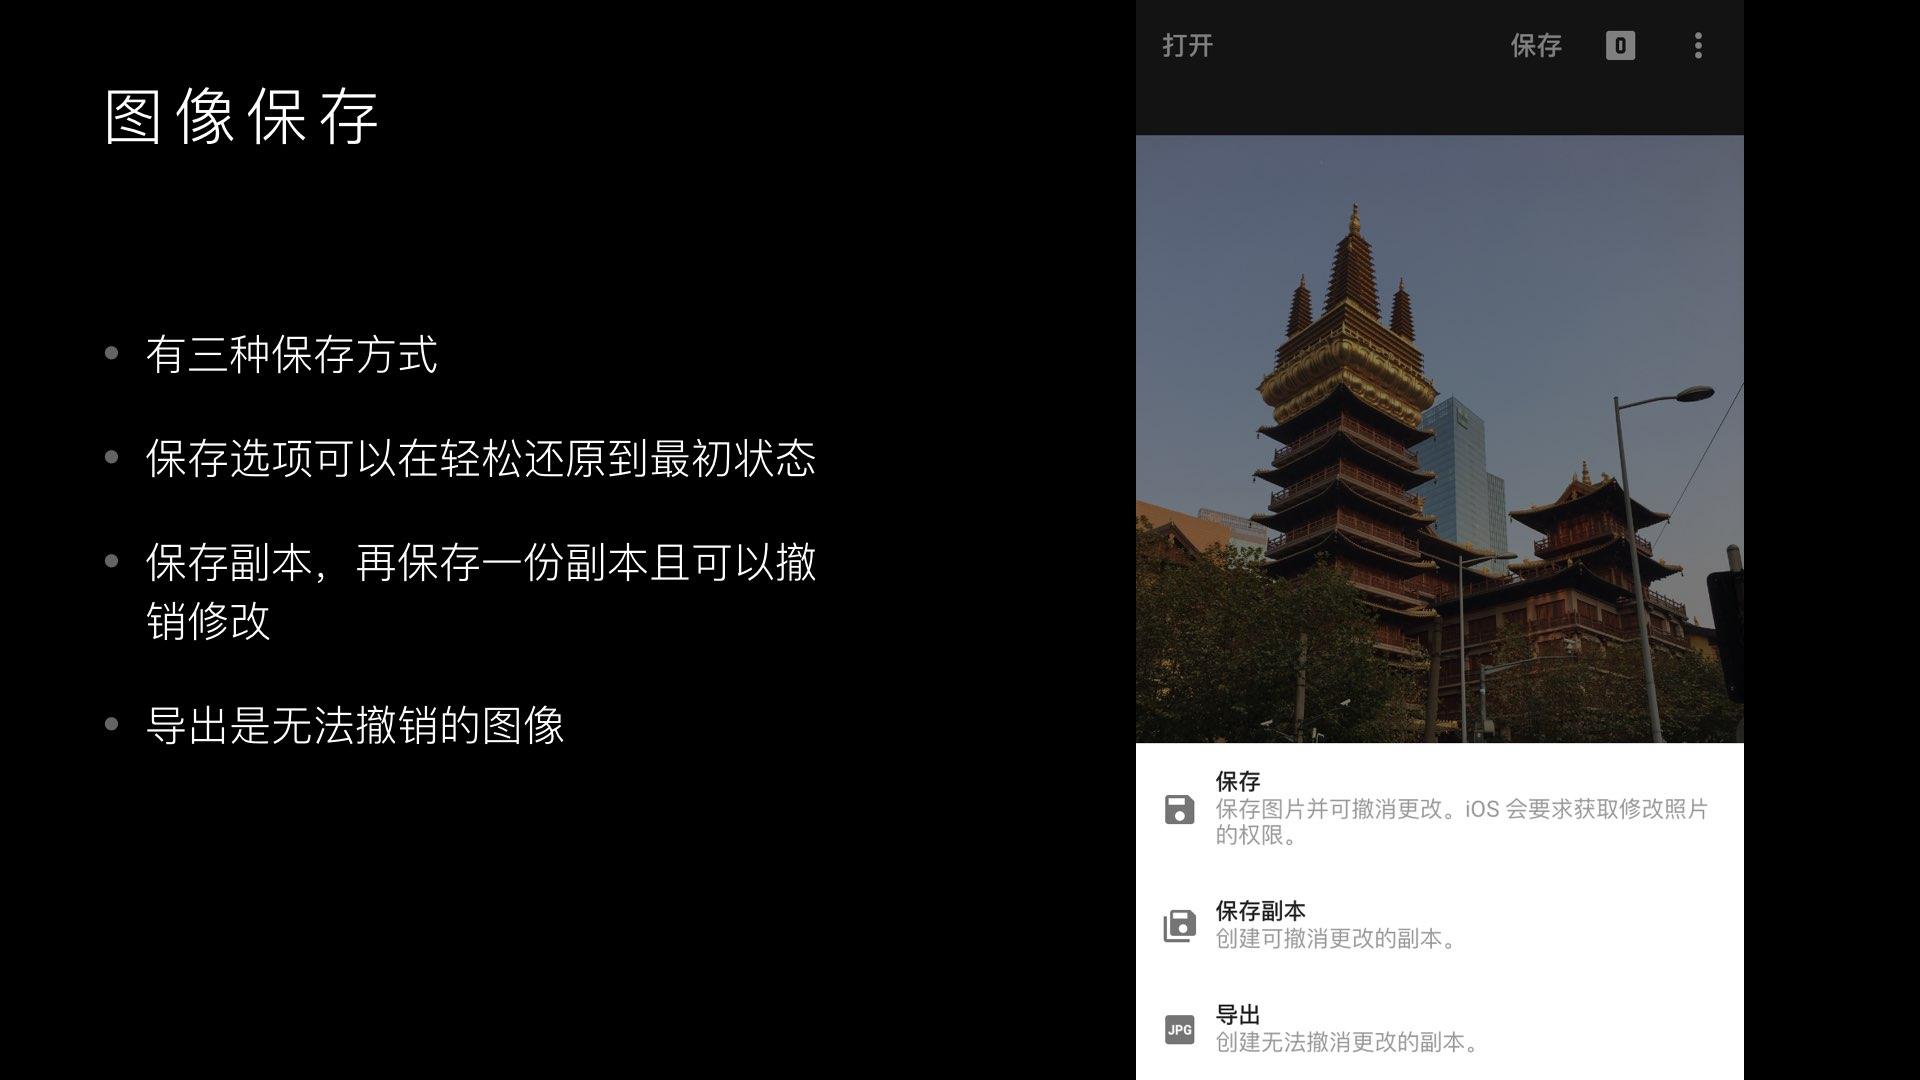 化腐朽为神奇,Snapseed图片编辑教程.037.jpeg